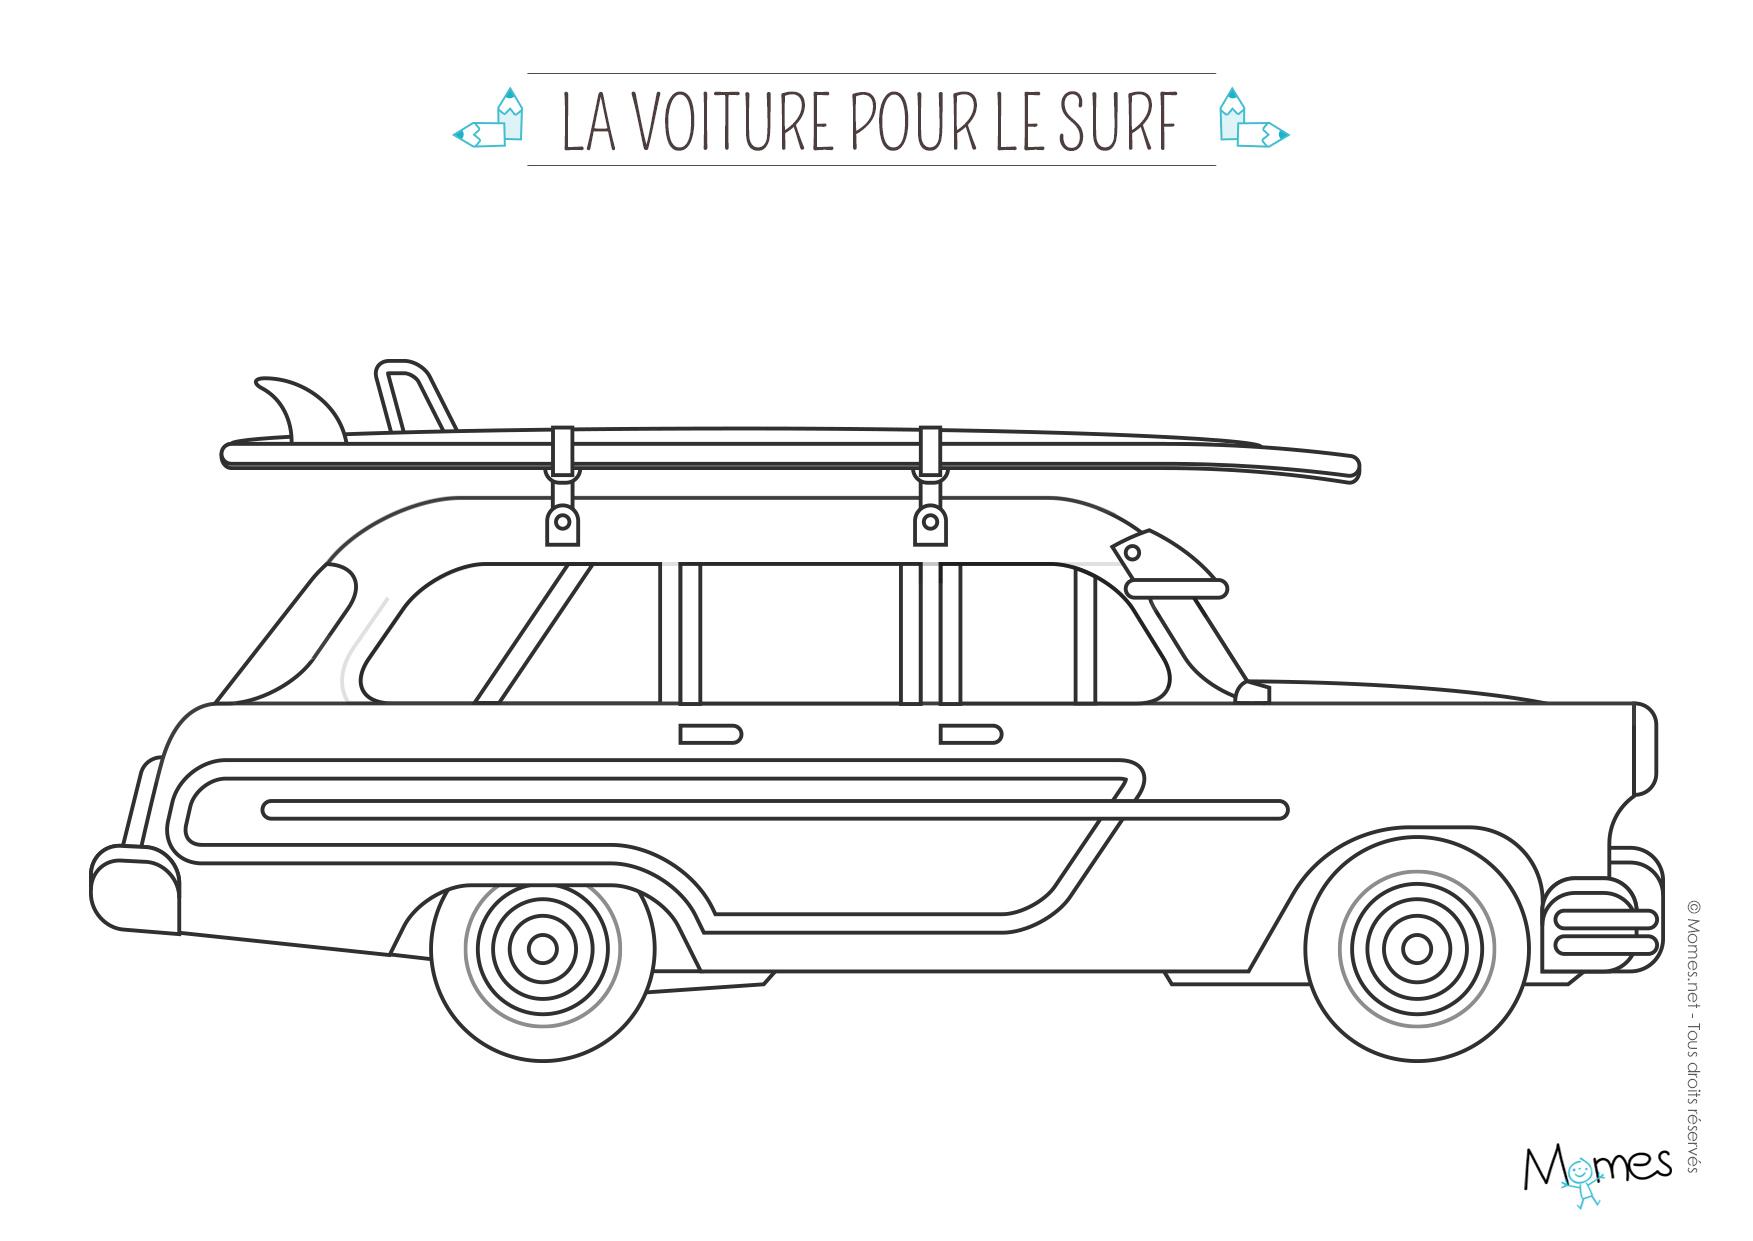 Coloriage La Voiture De Surfeur - Momes serapportantà Coloriage Vehicule